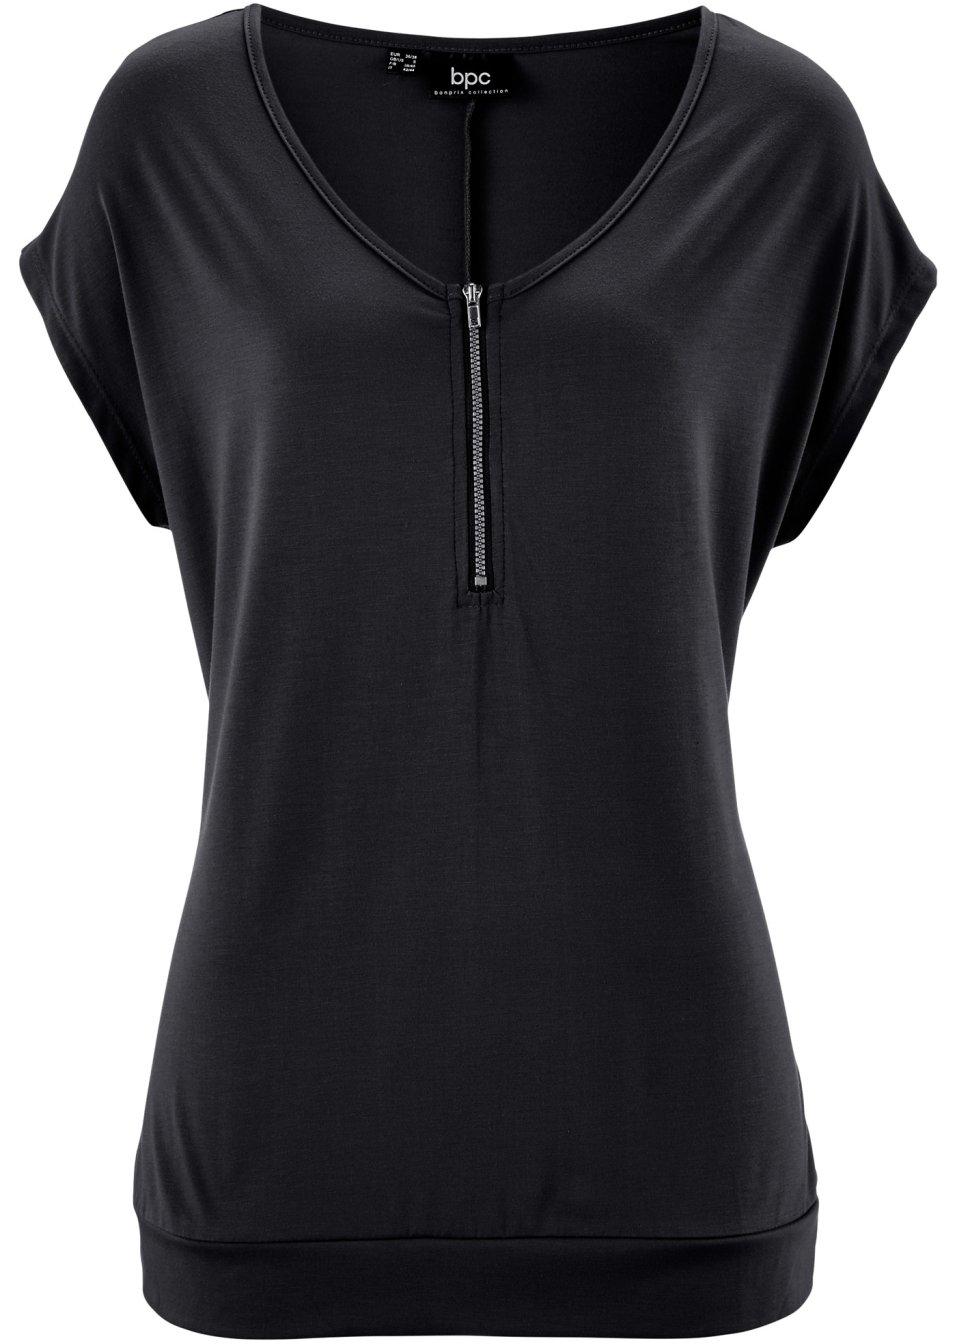 locker sitzendes t shirt mit rei verschluss am ausschnitt schwarz. Black Bedroom Furniture Sets. Home Design Ideas